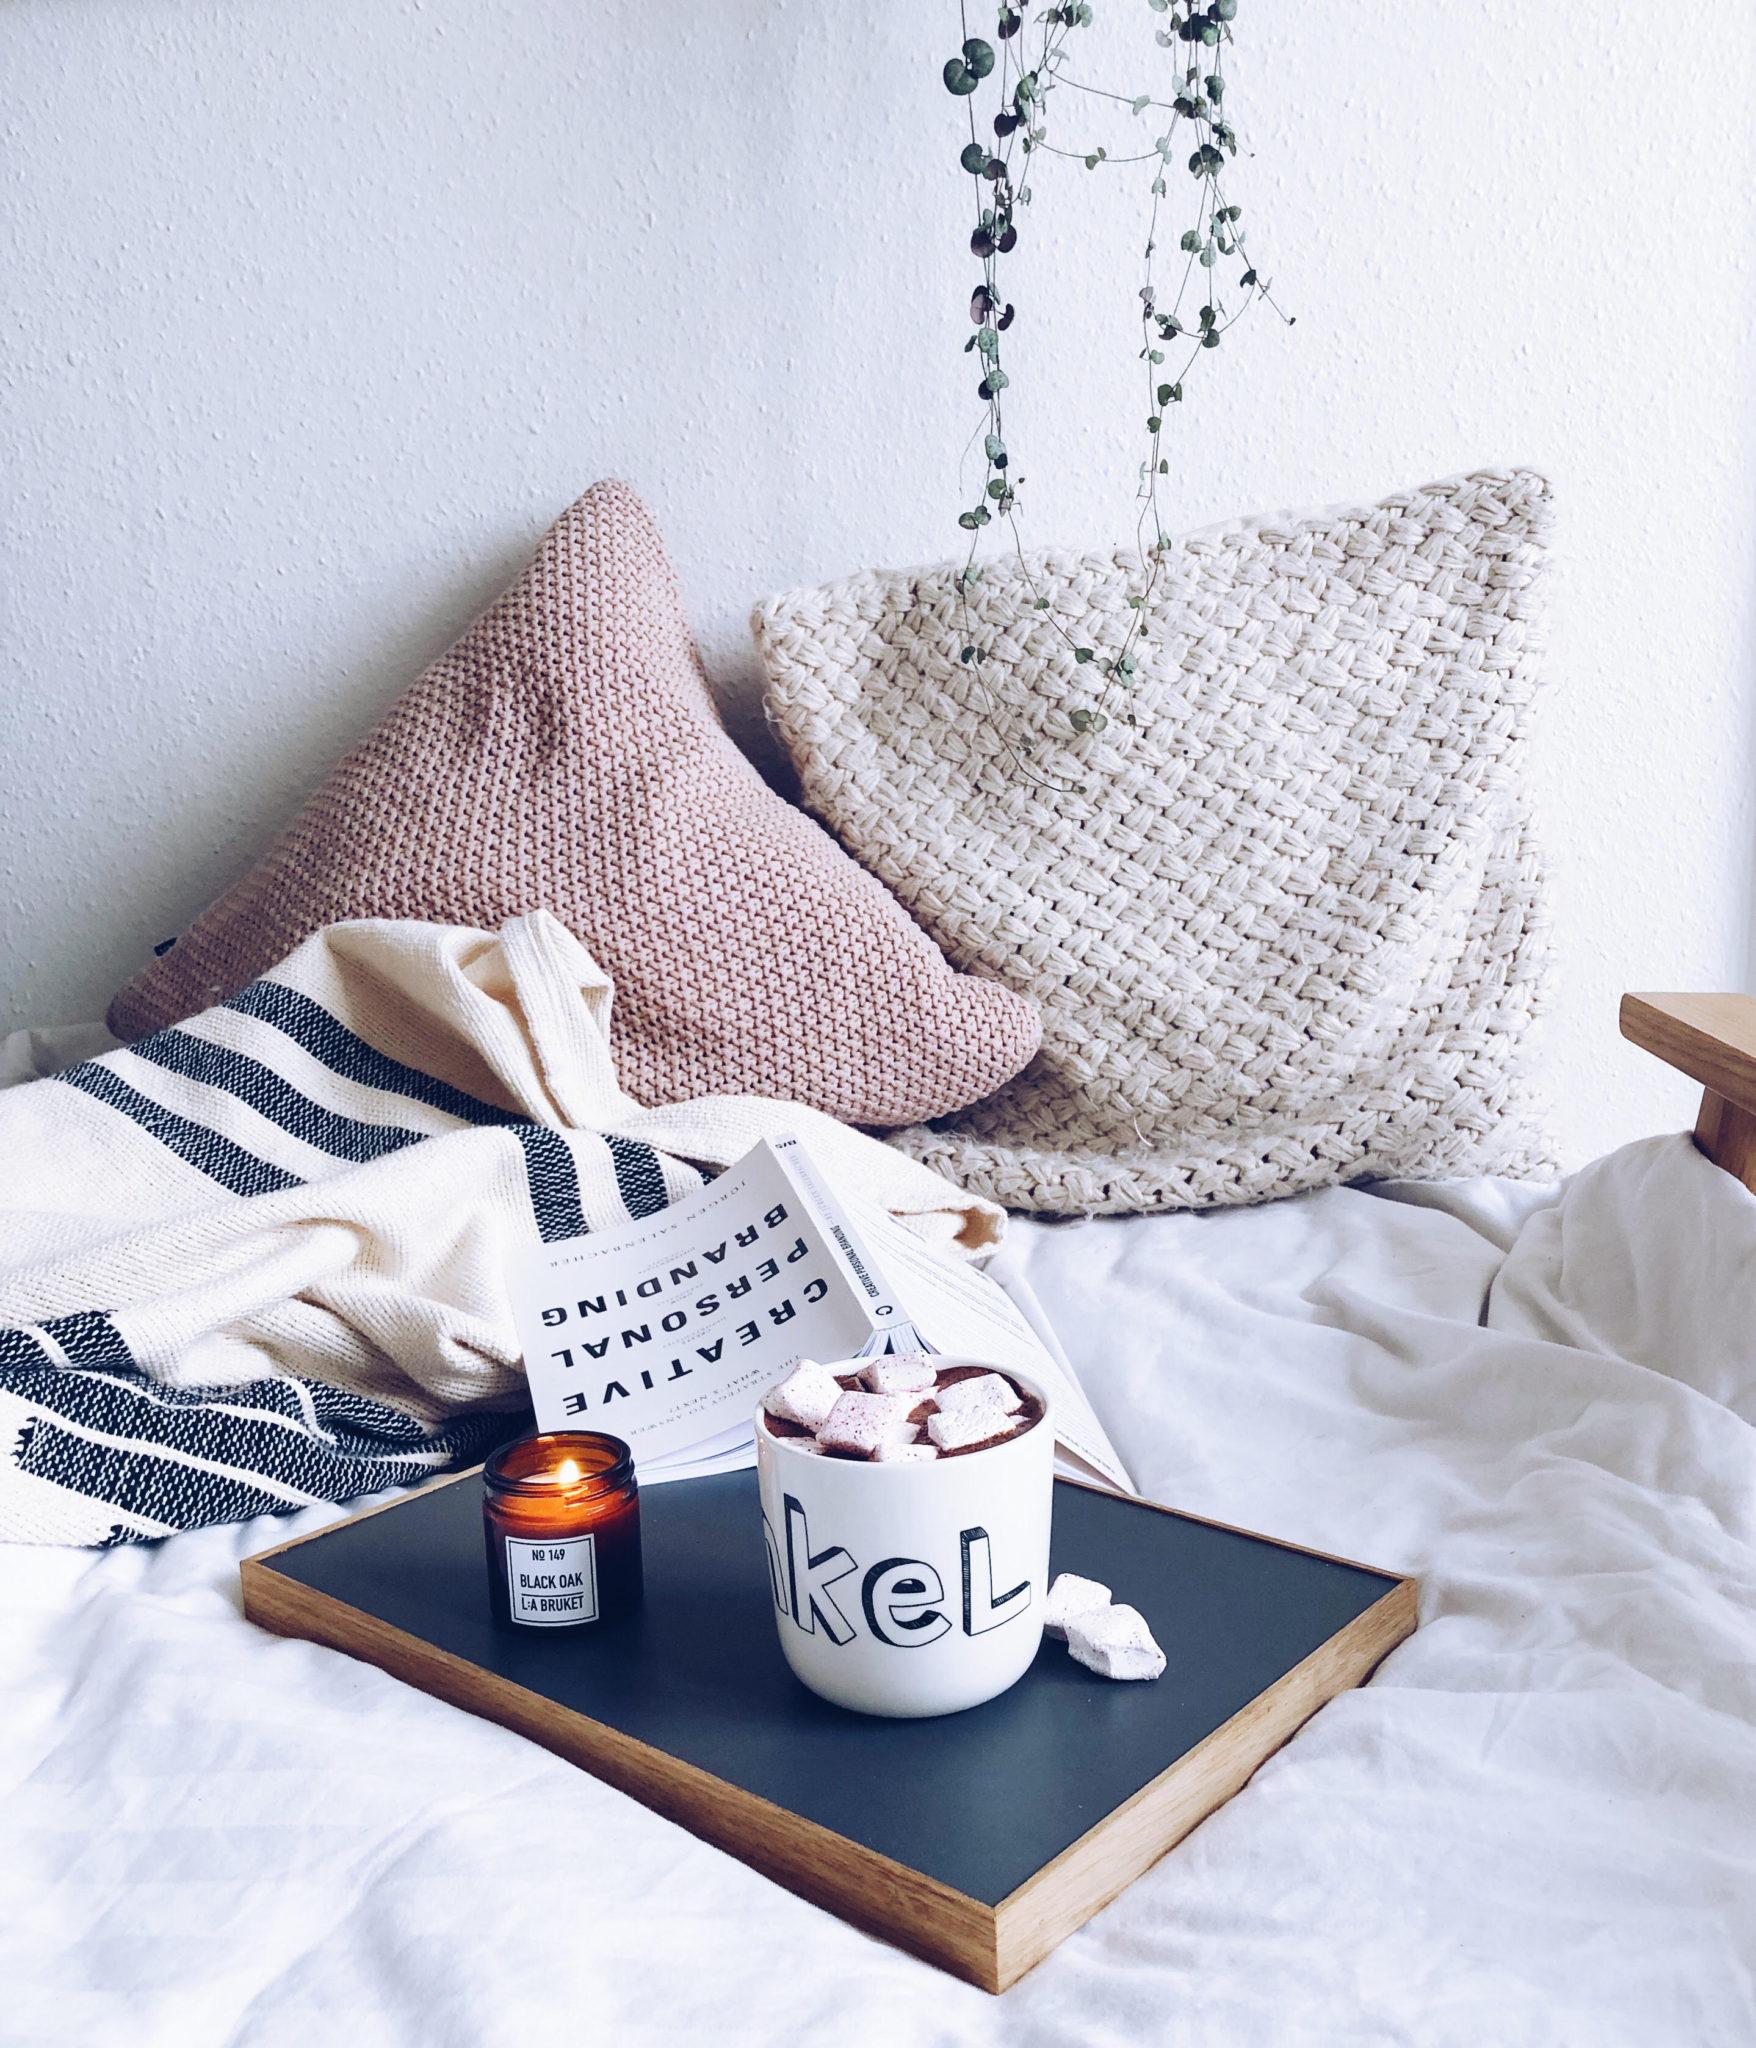 varm kakao med ingefær, lækre puder, sofa og hygge